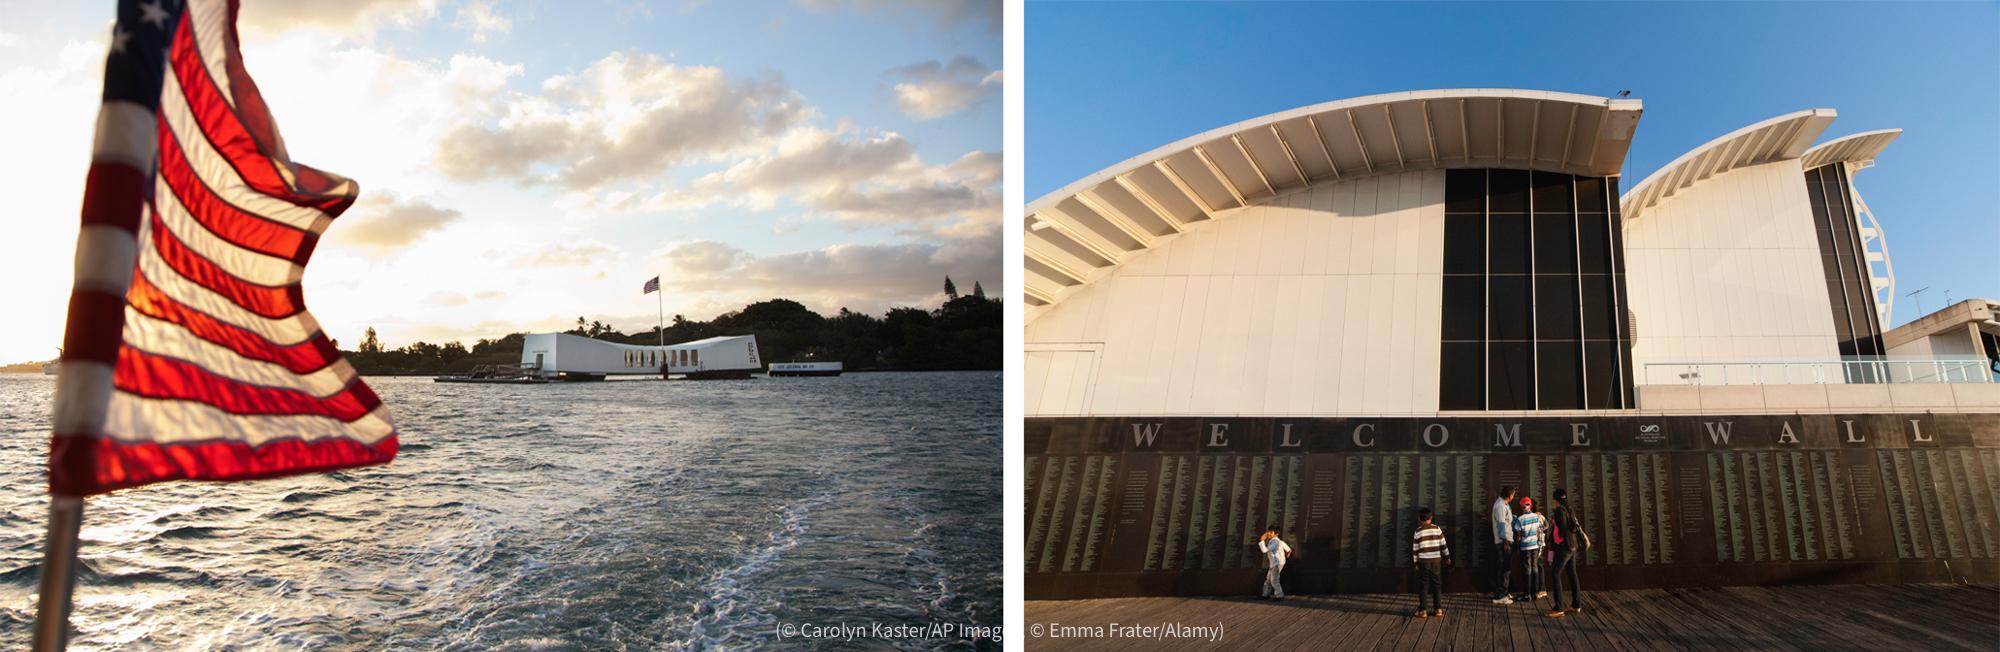 پانی کے اوپر لہراتا ہوا امریکی پرچم اور دور فاصلے پر دکھائی دیتی کم اونچائی والی سفید عمارت۔ پیش منظر میں دکھائی دیتے متعدد افراد اور ناموں والی دیوار کے پیچھے سفید قوسی عمارت۔ (© Carolyn Kaster/AP Images, © Emma Frater/Alamy)